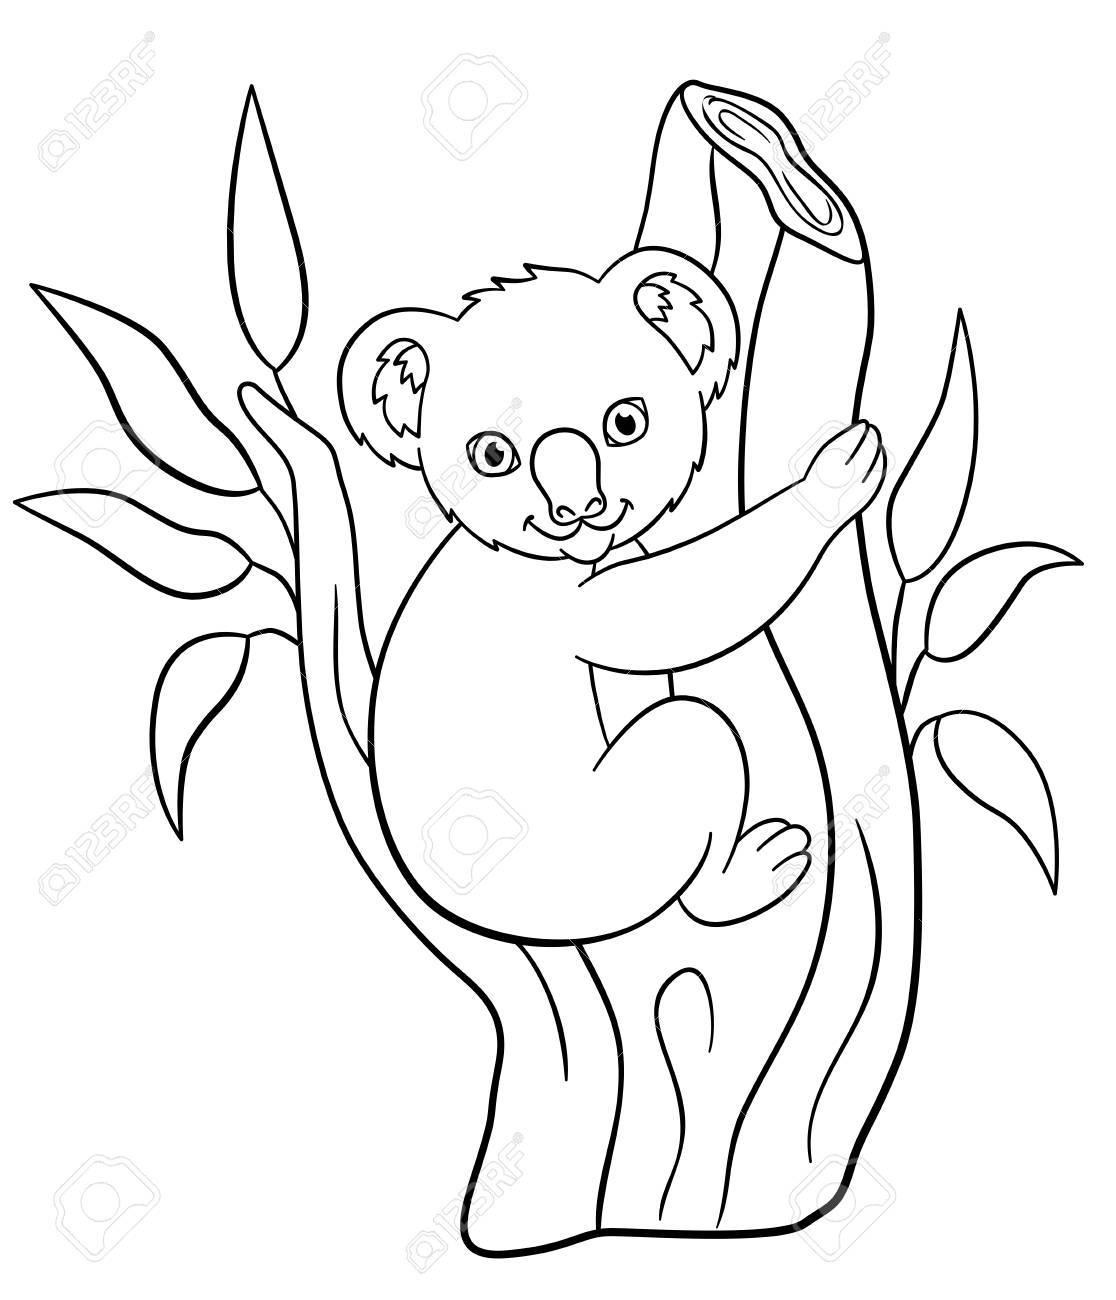 Malvorlagen. Kleine Süße Baby Koala Sitzt Auf Dem Ast Und Lächelt